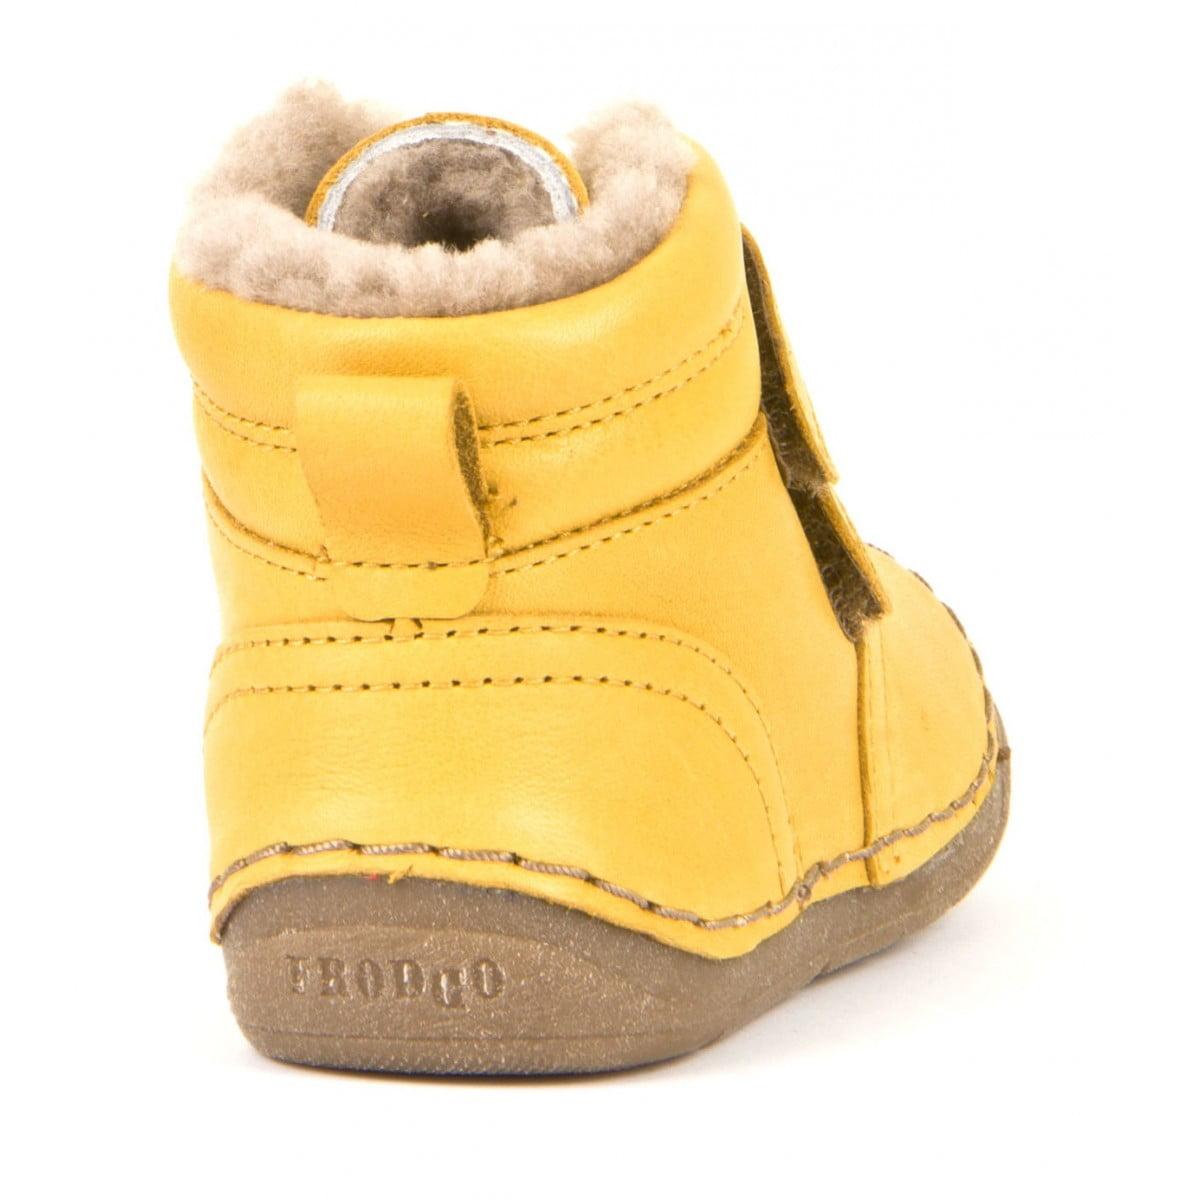 Ghete din piele cu velcro căptuşite cu blană de miel şi talpă flexibilă yellow Froddo 1